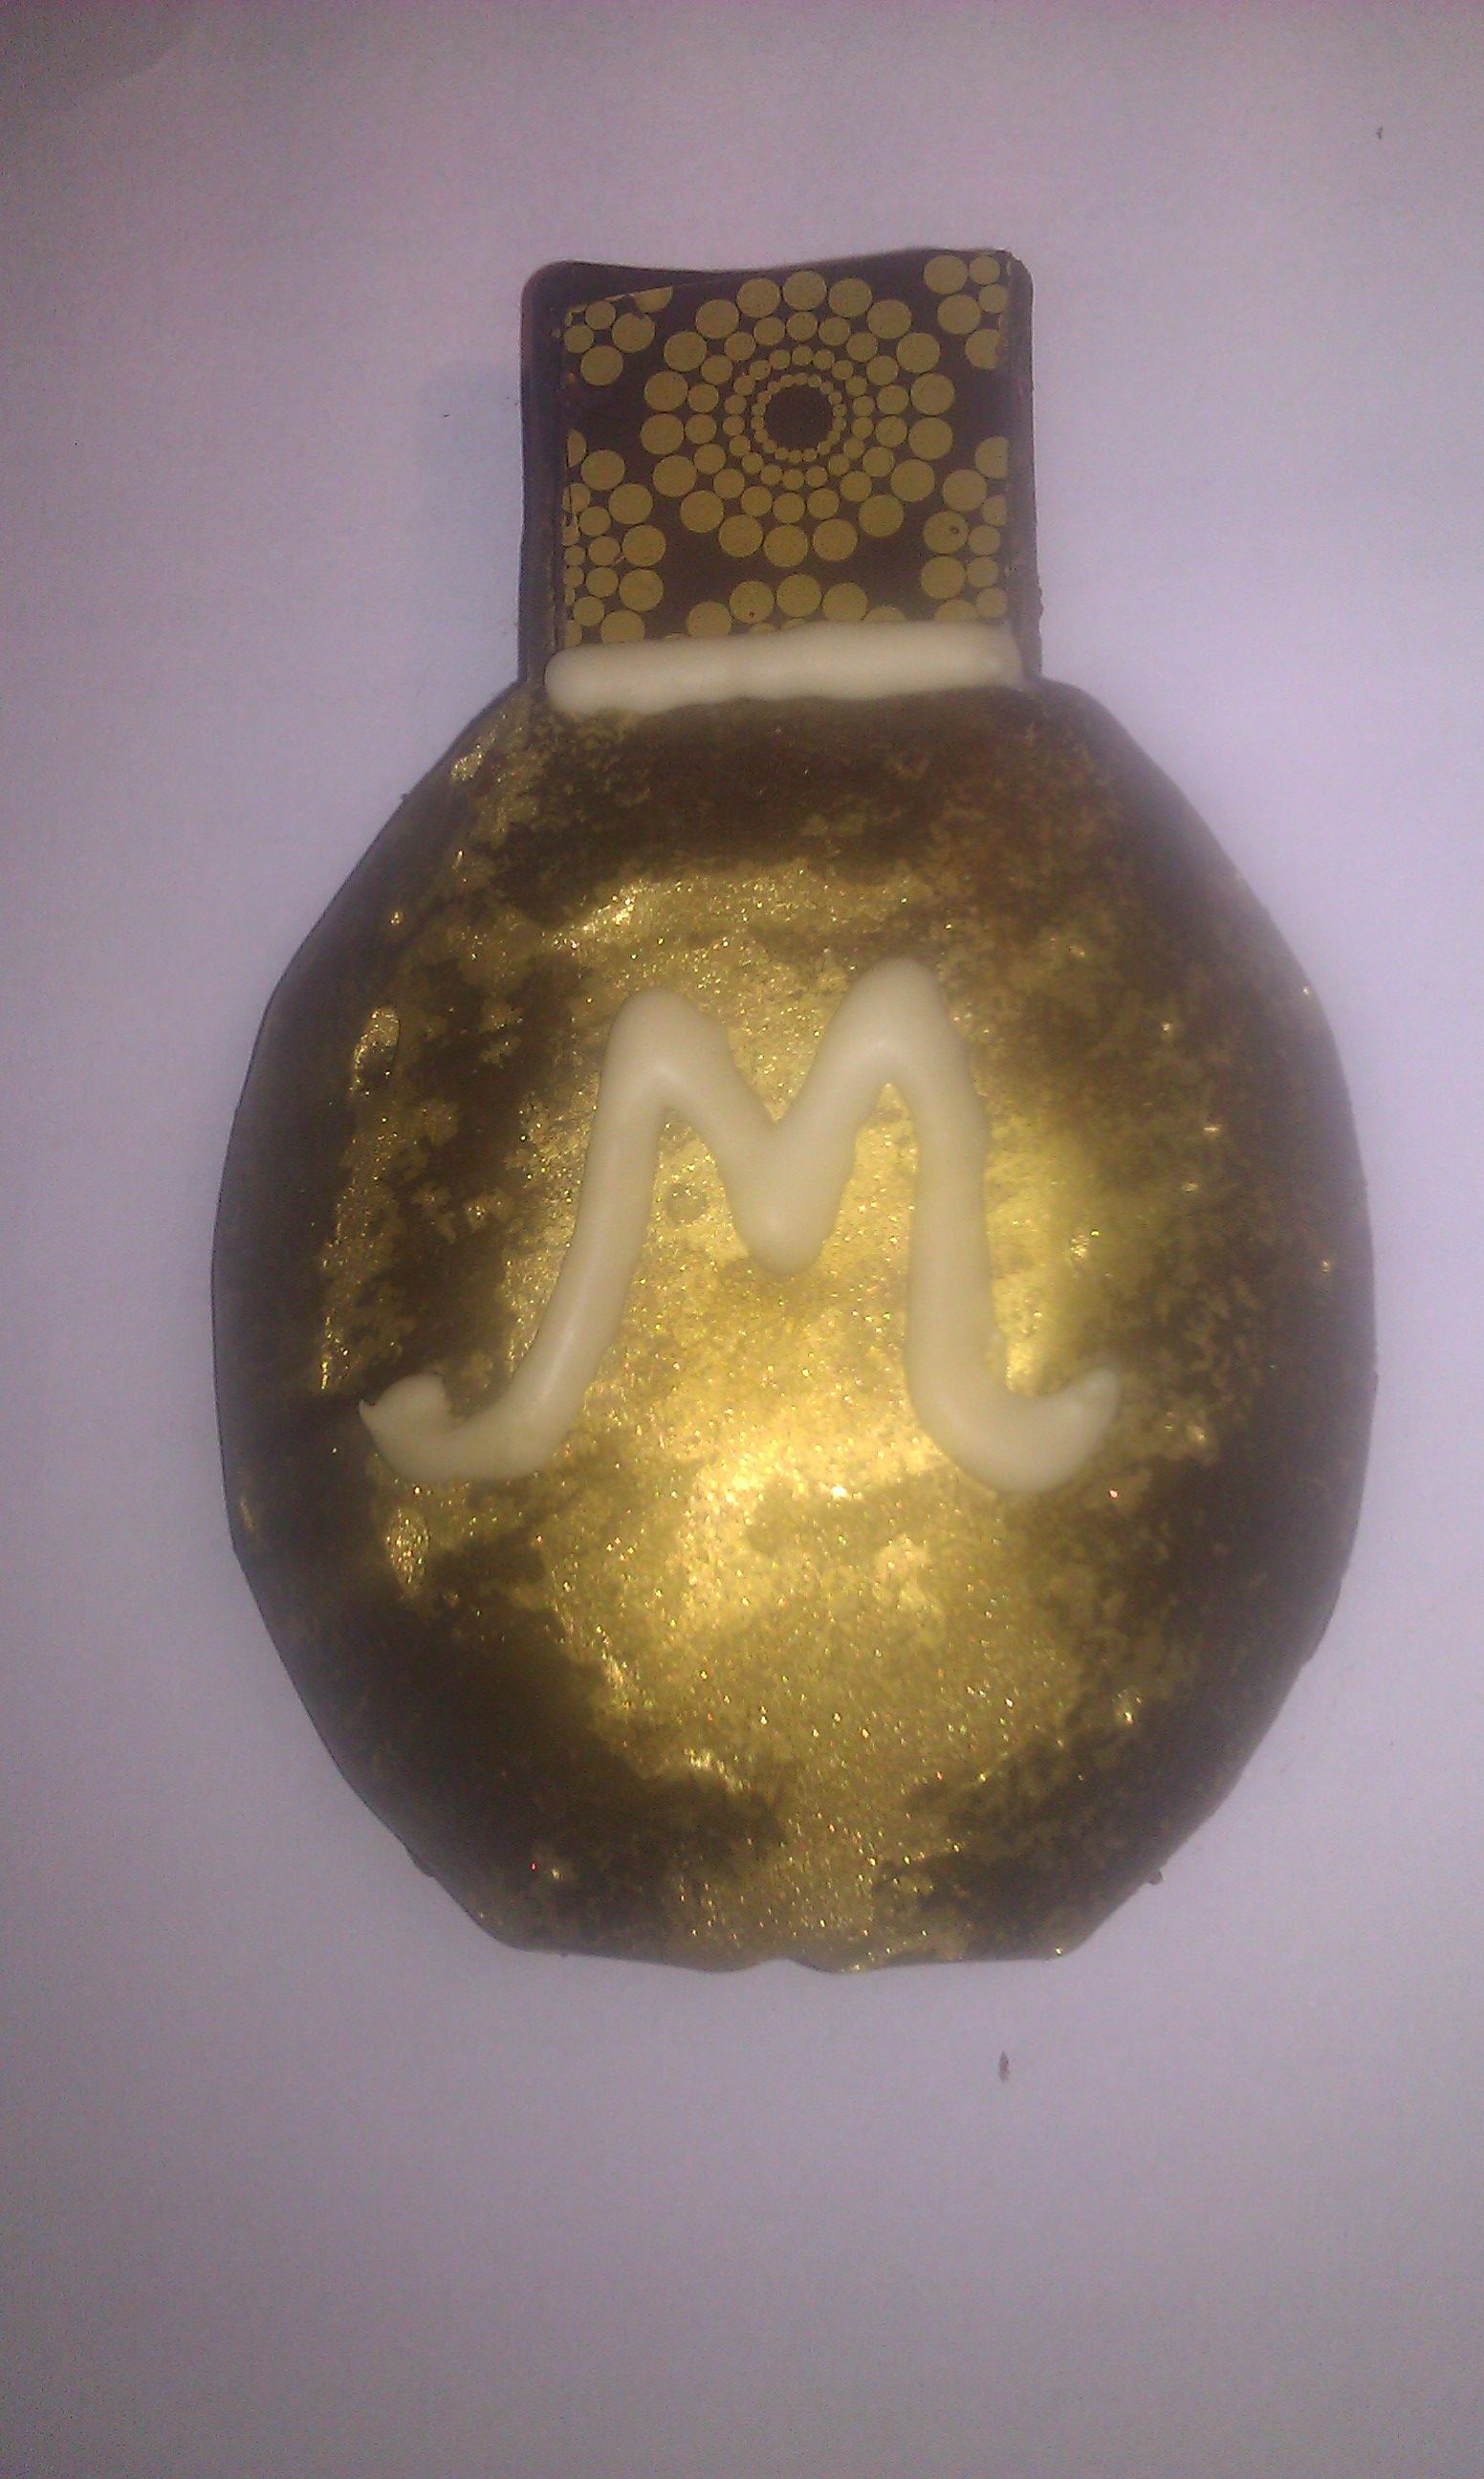 Parfumflesje van chocolade, gevuld met kaneelganache en fudgestukjes (cadeautje voor moederdag)